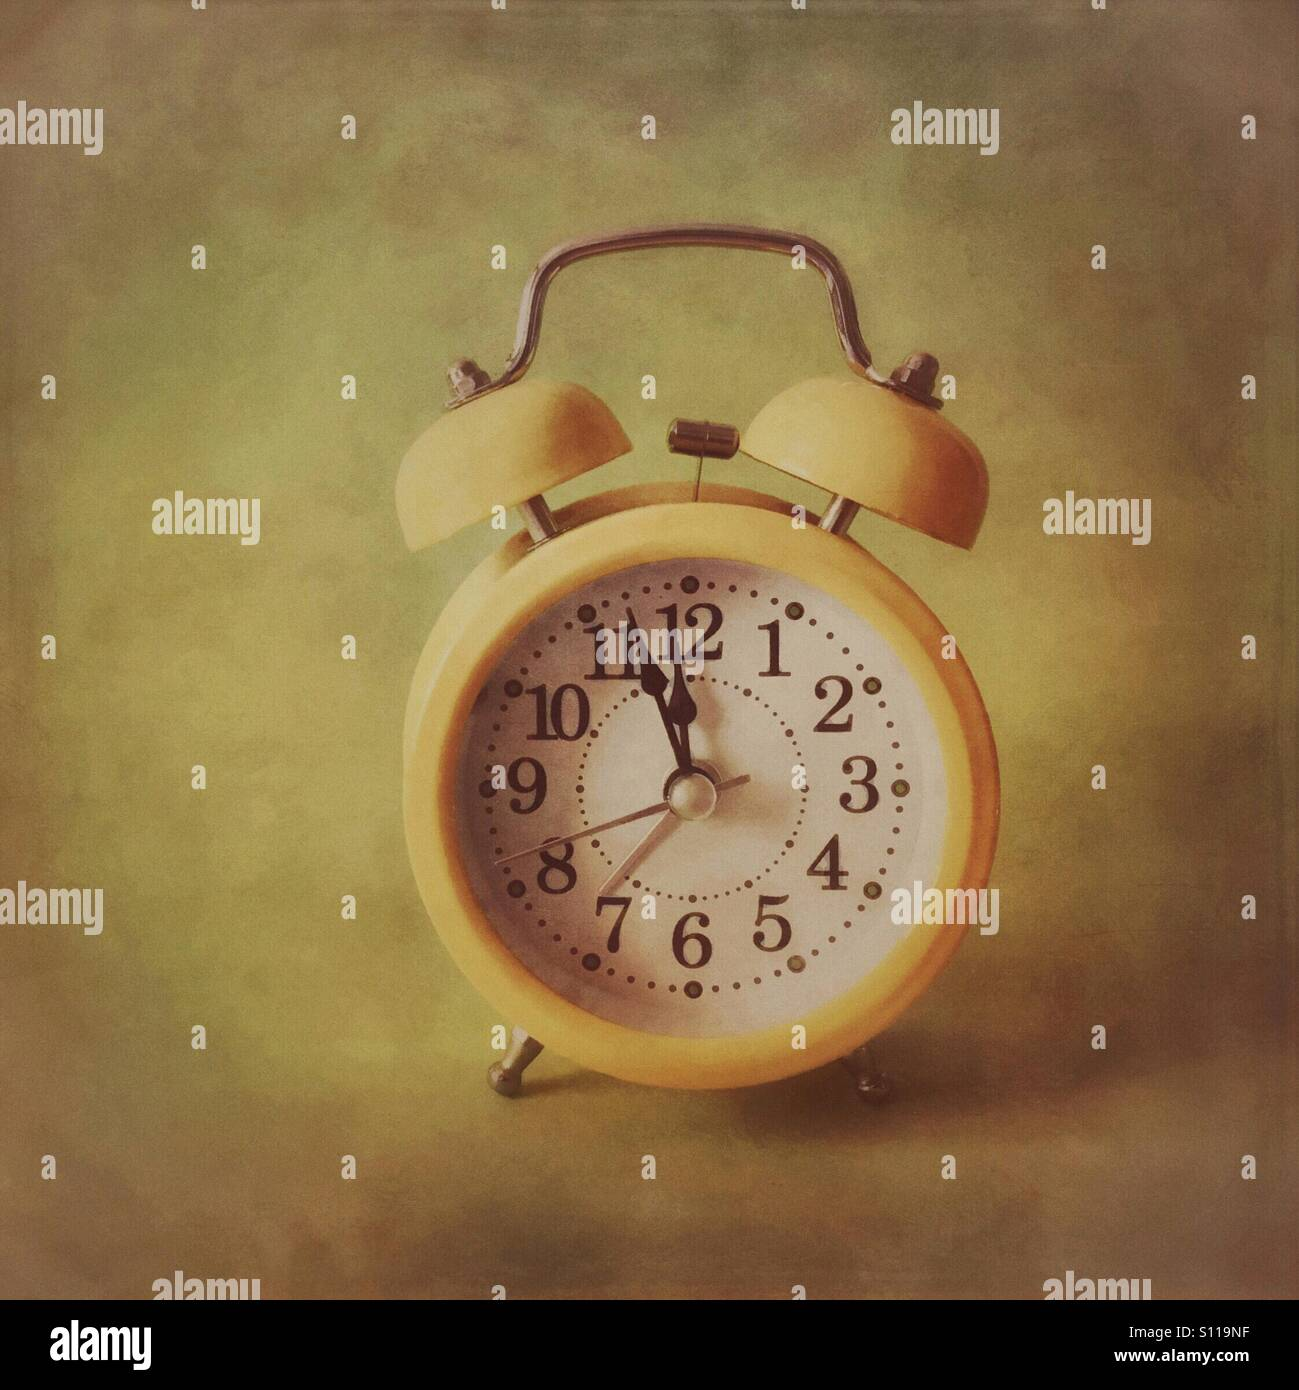 Reloj Despertador retro - tres minutos para la medianoche Imagen De Stock